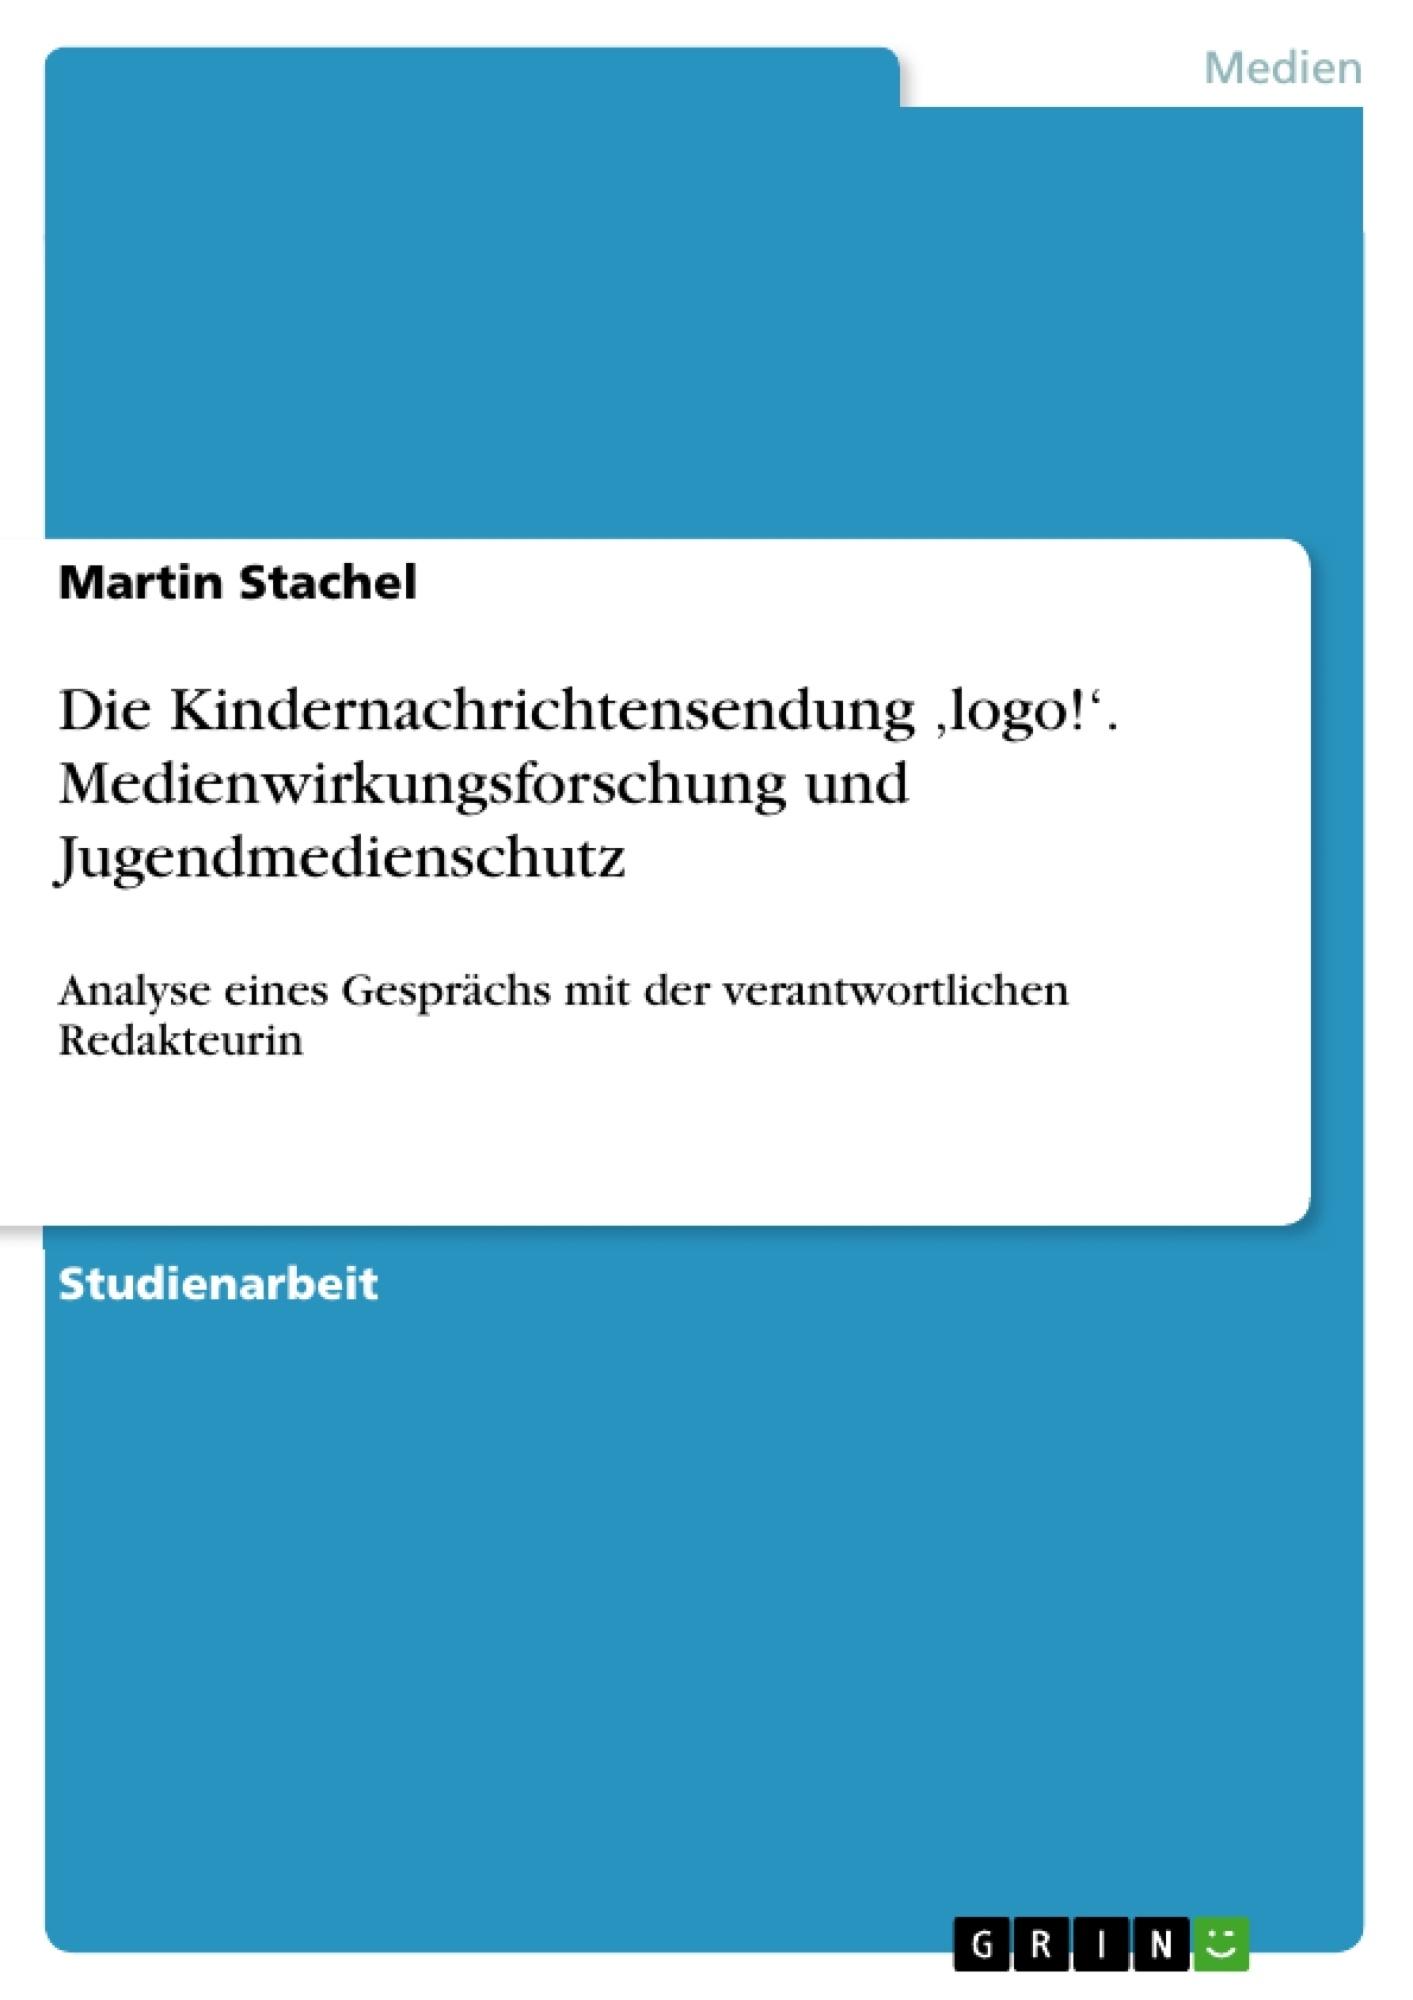 Titel: Die Kindernachrichtensendung 'logo!'. Medienwirkungsforschung und Jugendmedienschutz